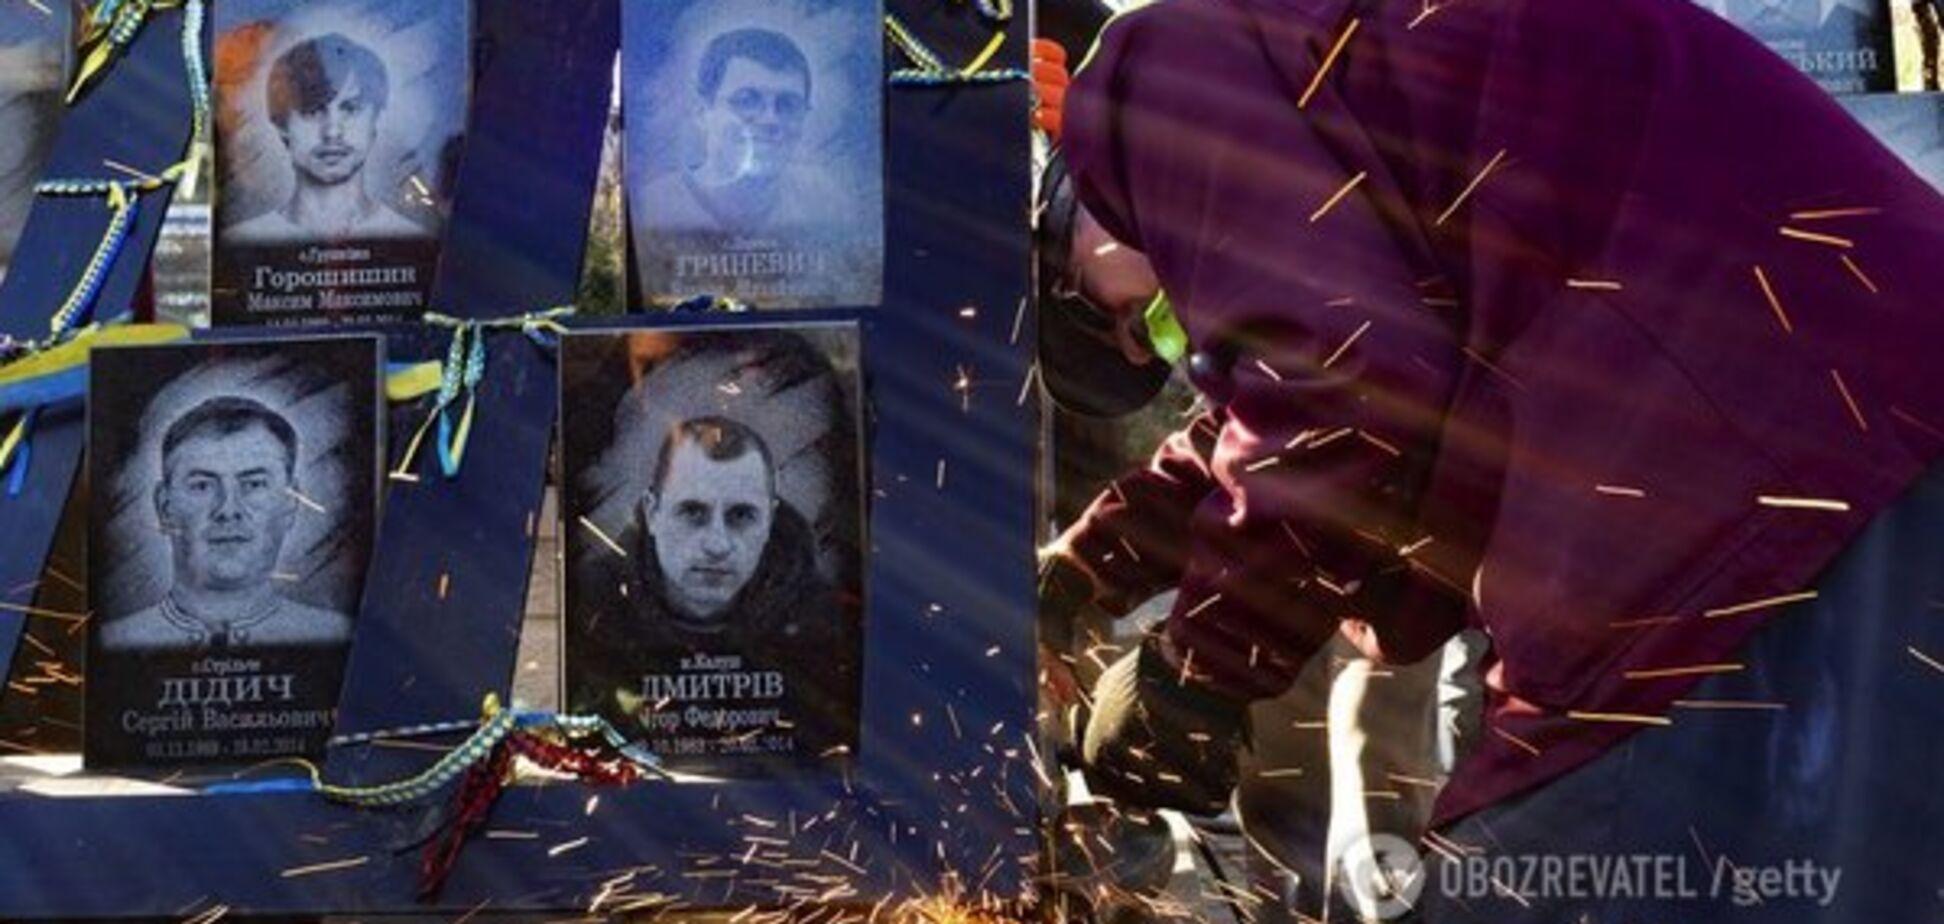 Розстріли на Майдані: у ГПУ підбили підсумки розслідування